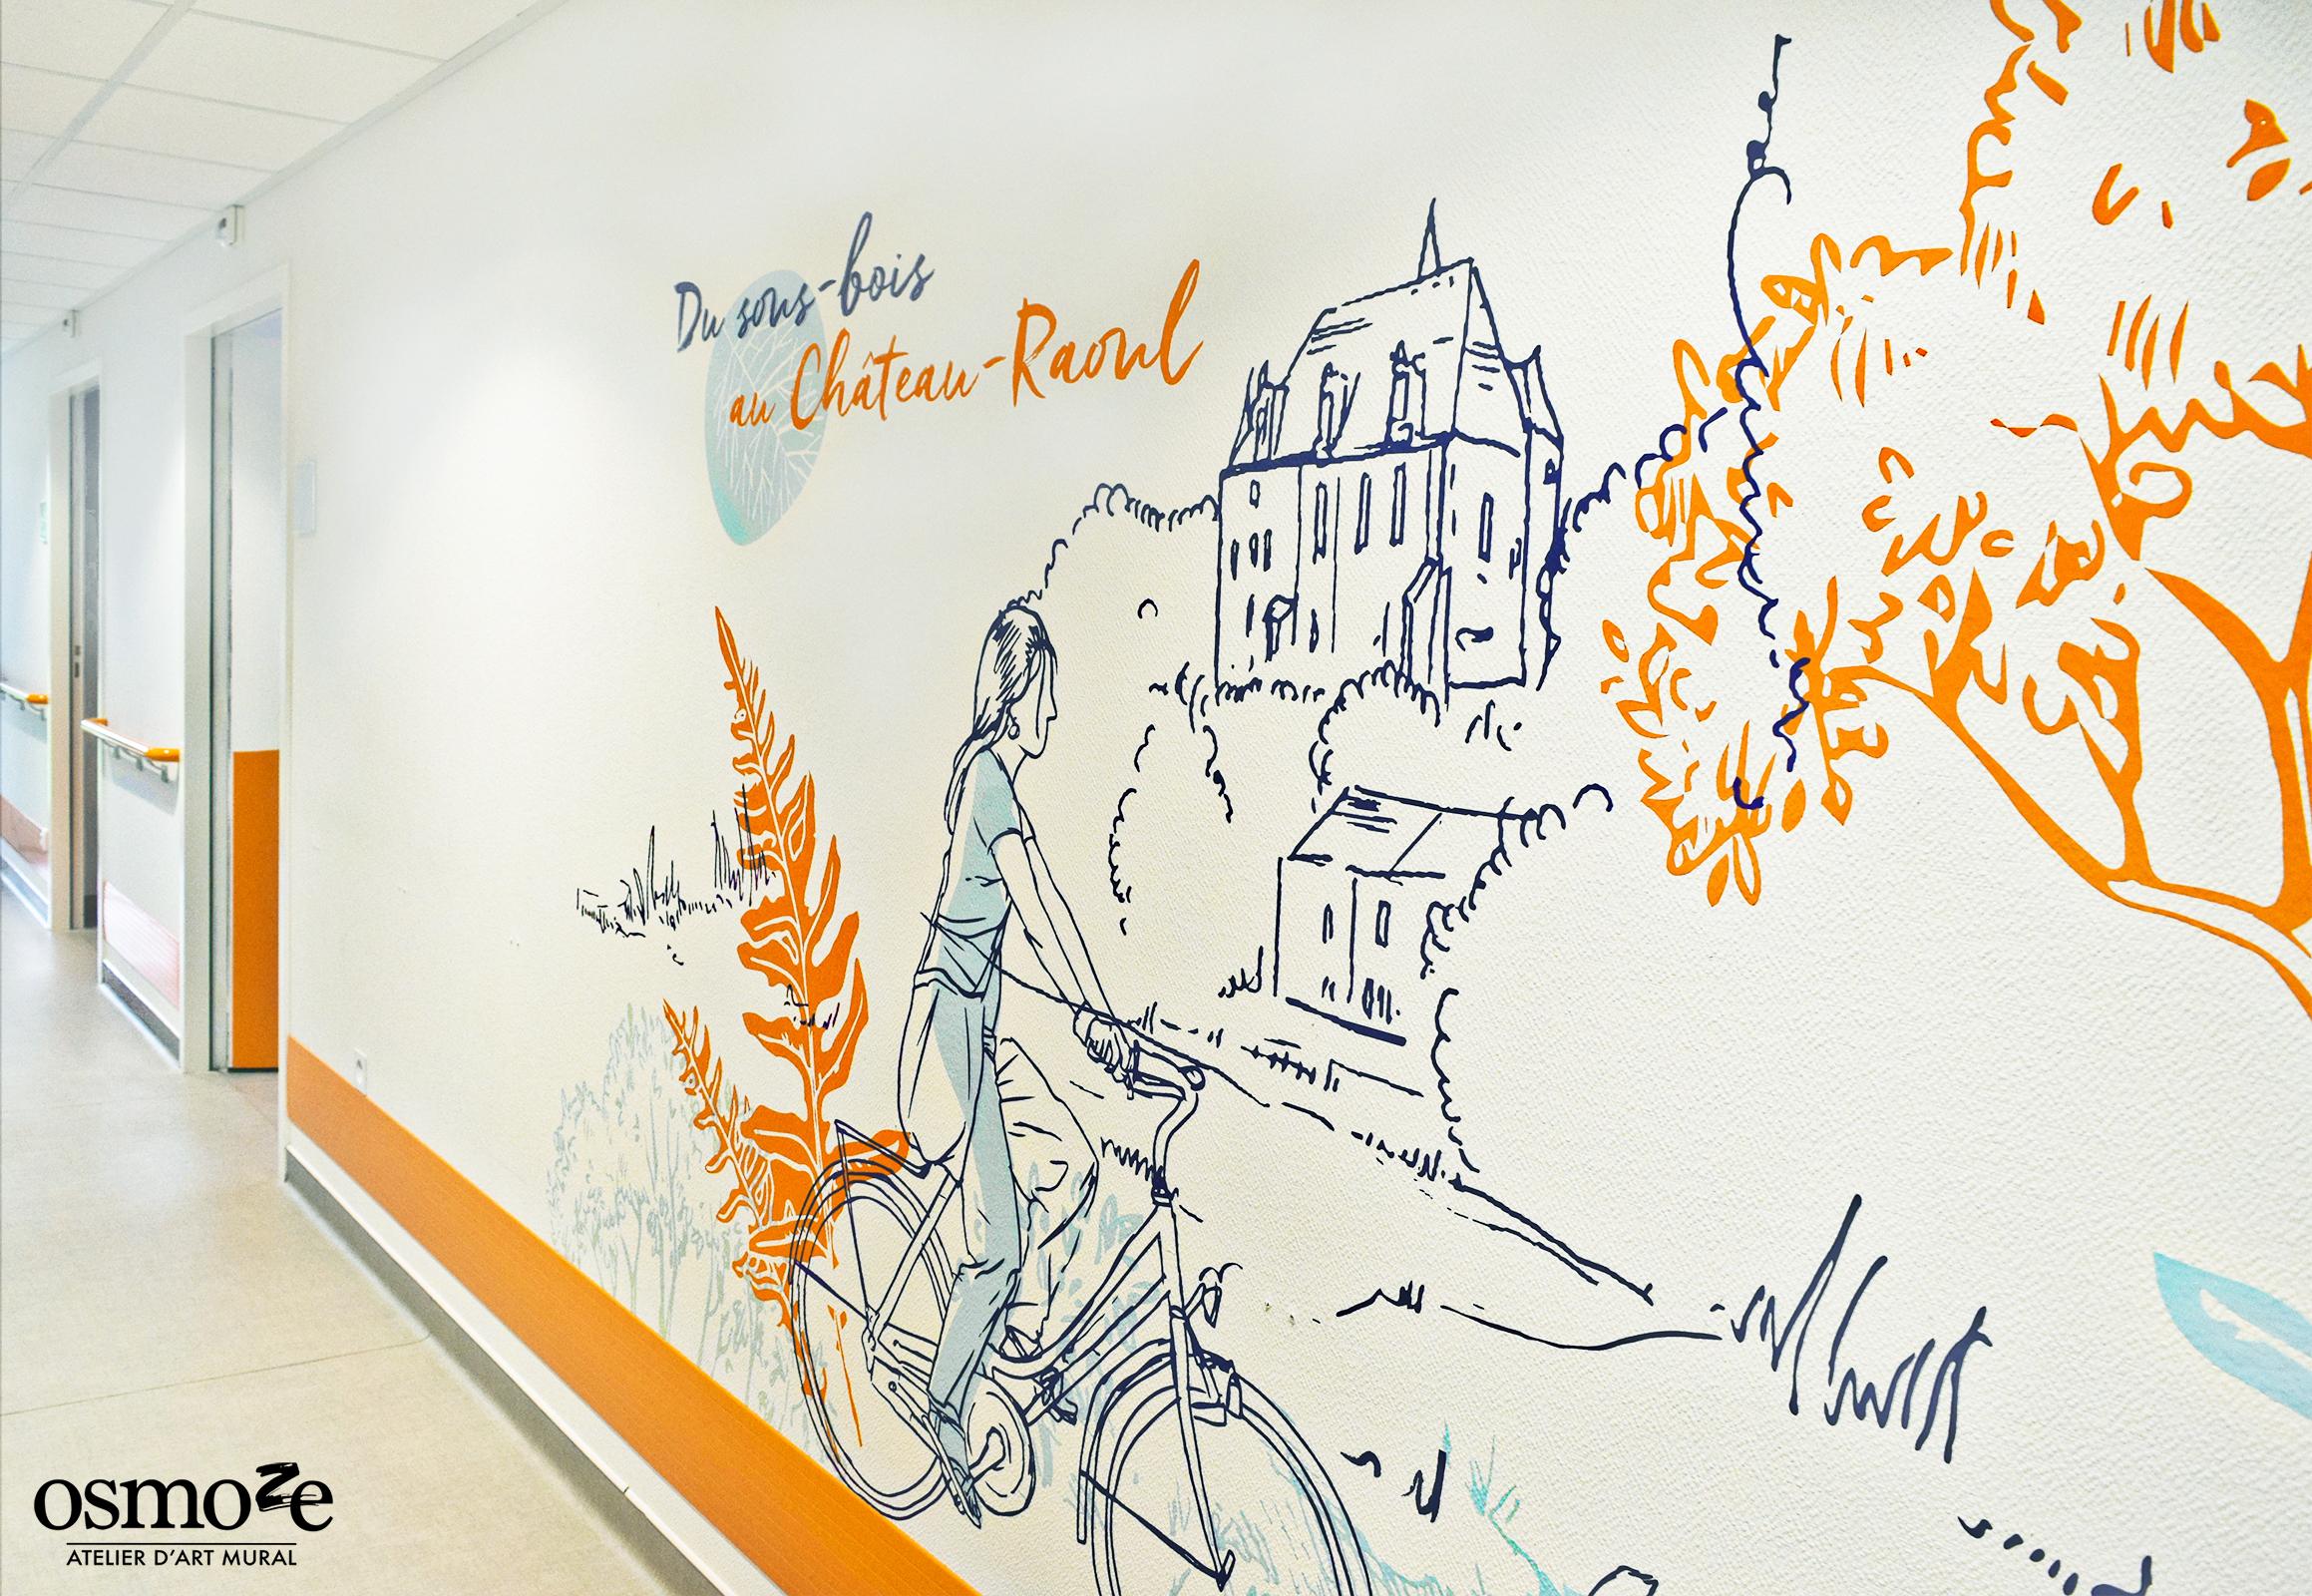 Osmoze > Décoration murale > Ehpad Chateauroux > Vélo